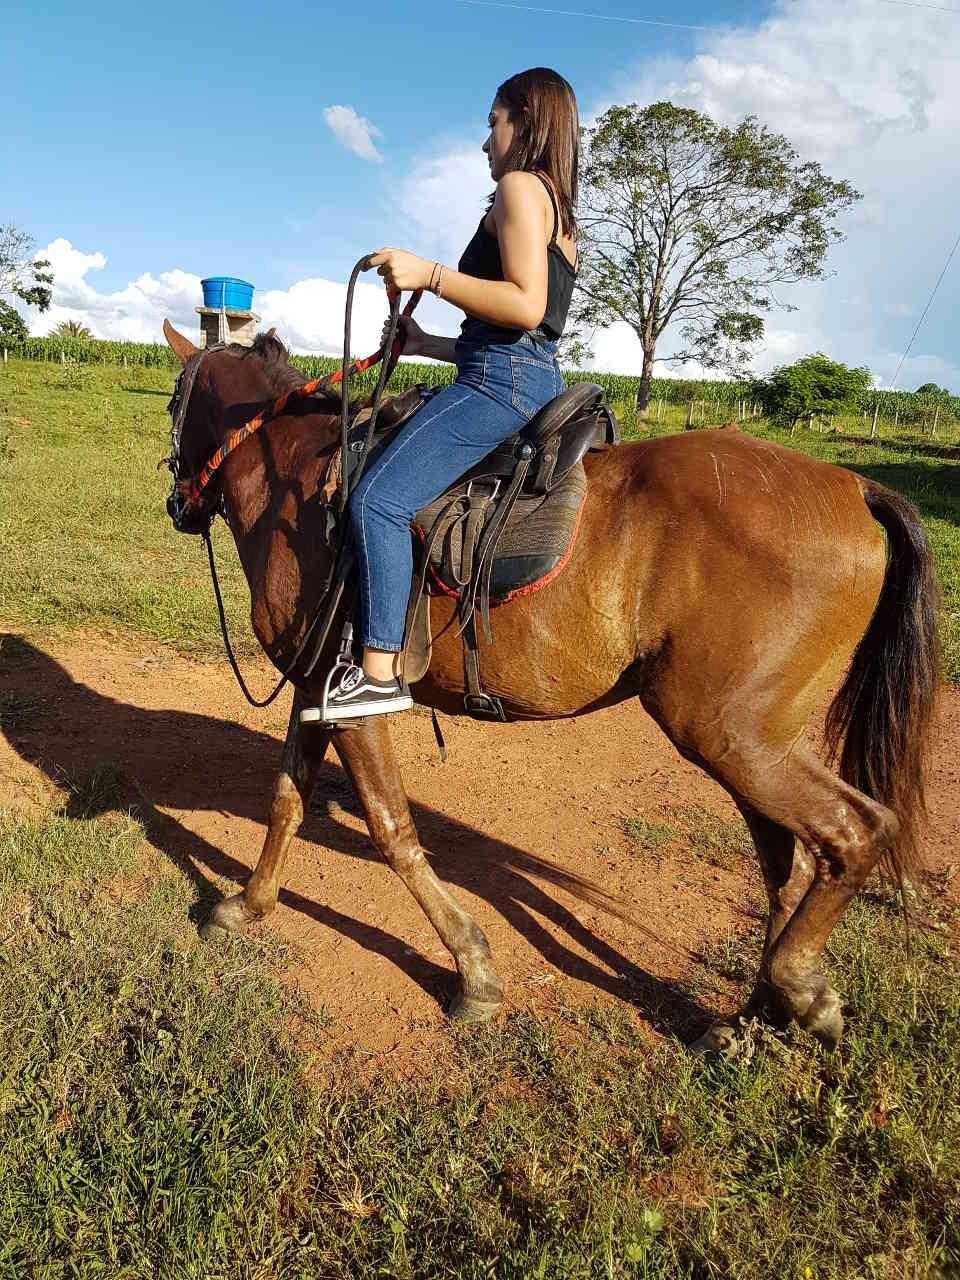 Ana Clara, filha do Geraldo - 19.01.2019